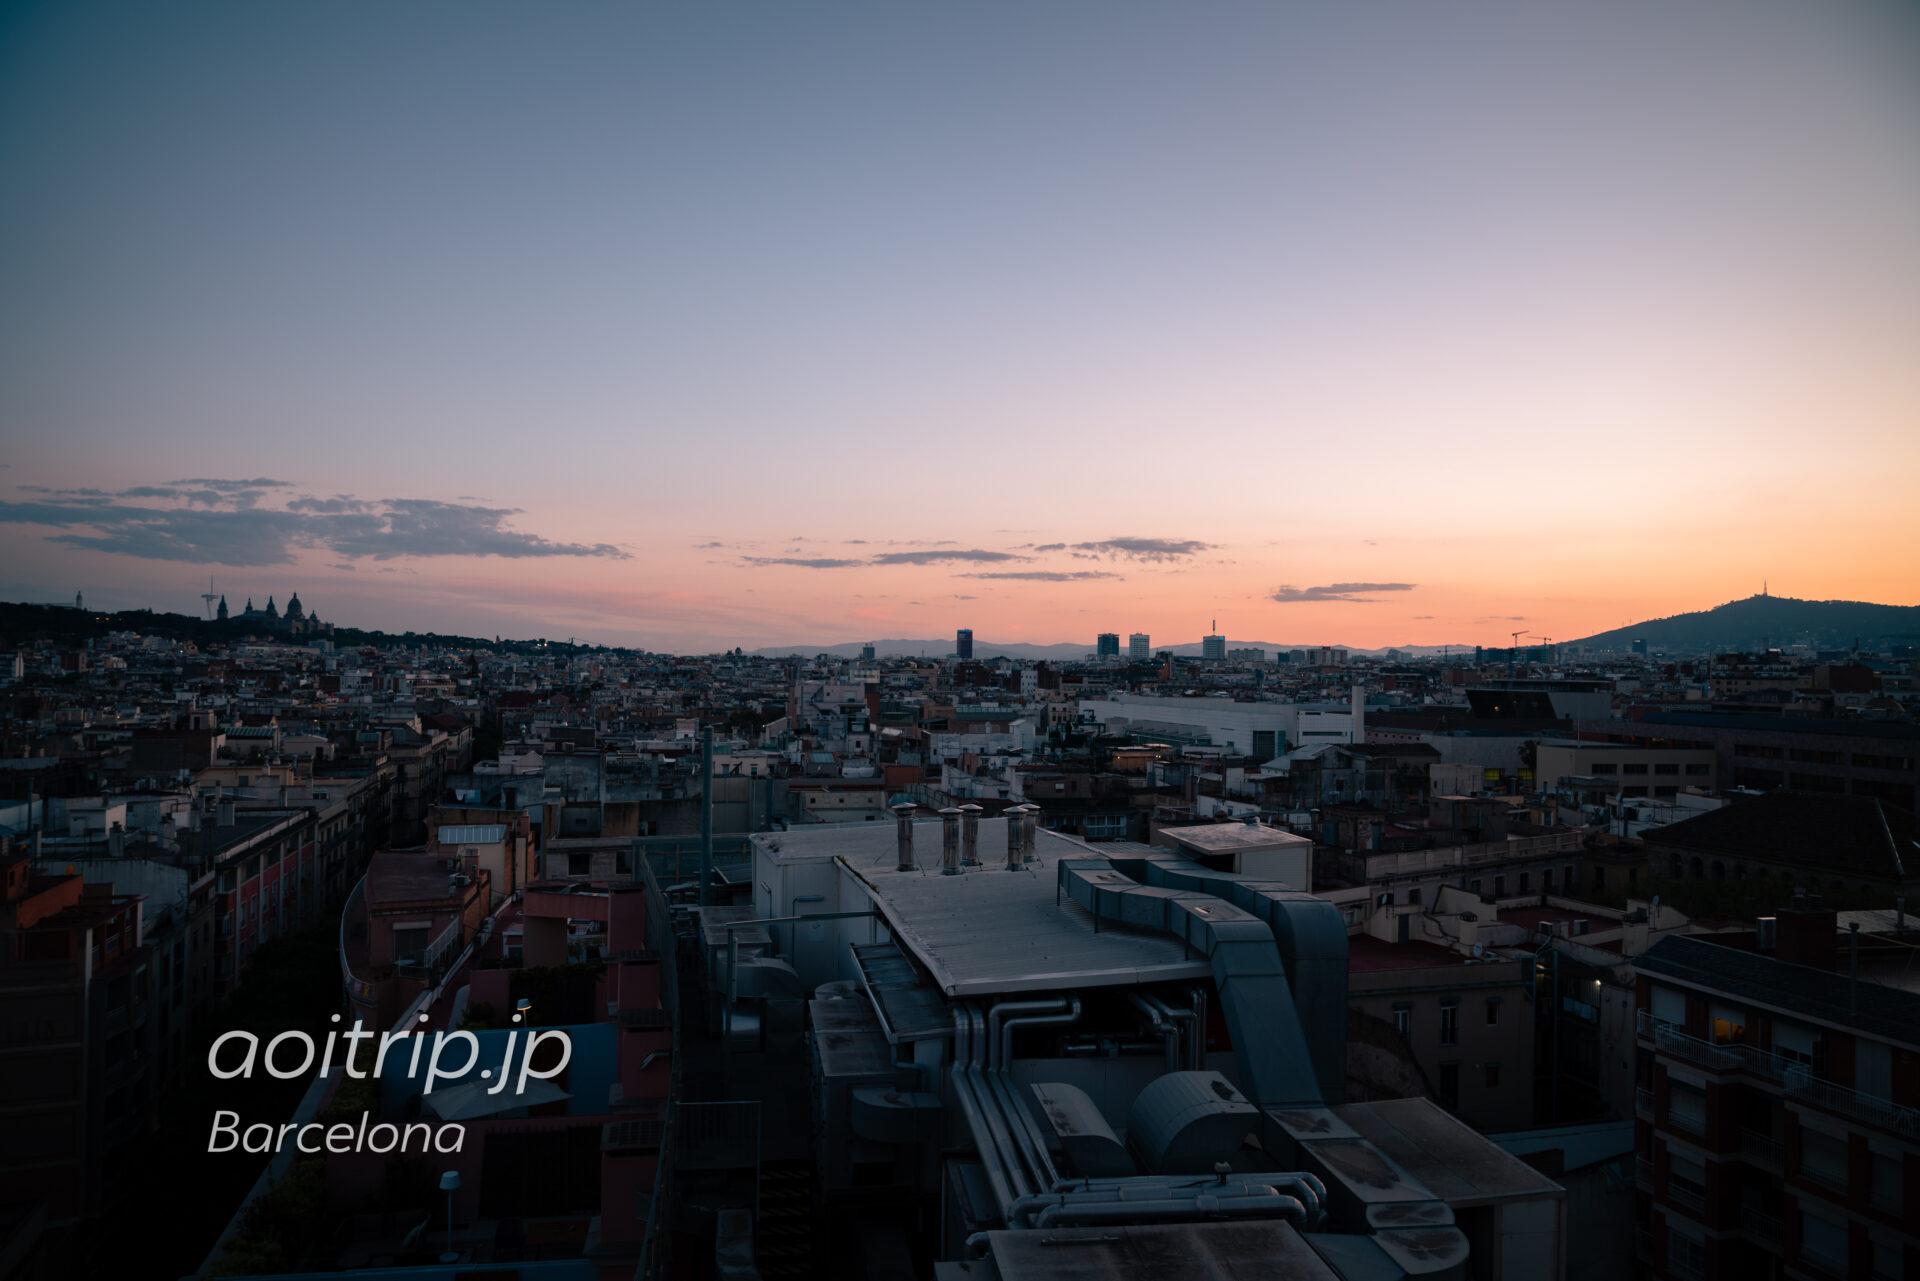 ルメリディアンバルセロナ 南西方向の眺望